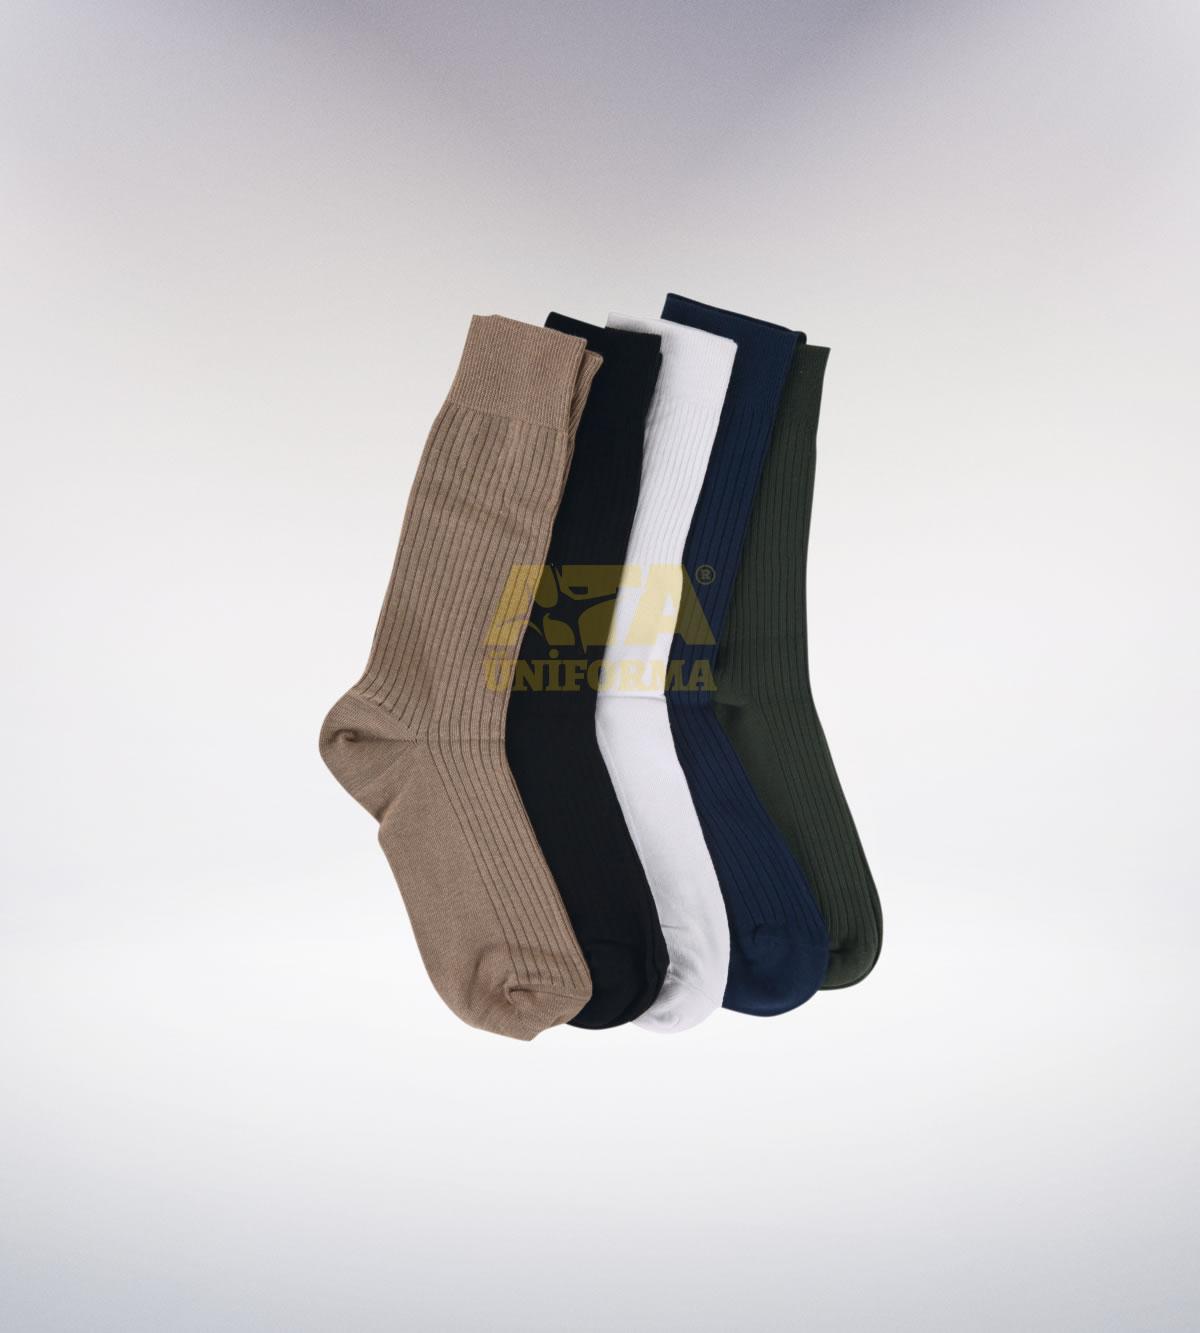 ATA-1075 Kaliteyi çorap giyim aksesuarları - iş elbiseleri | iş  üniformaları | iş kıyafetleri